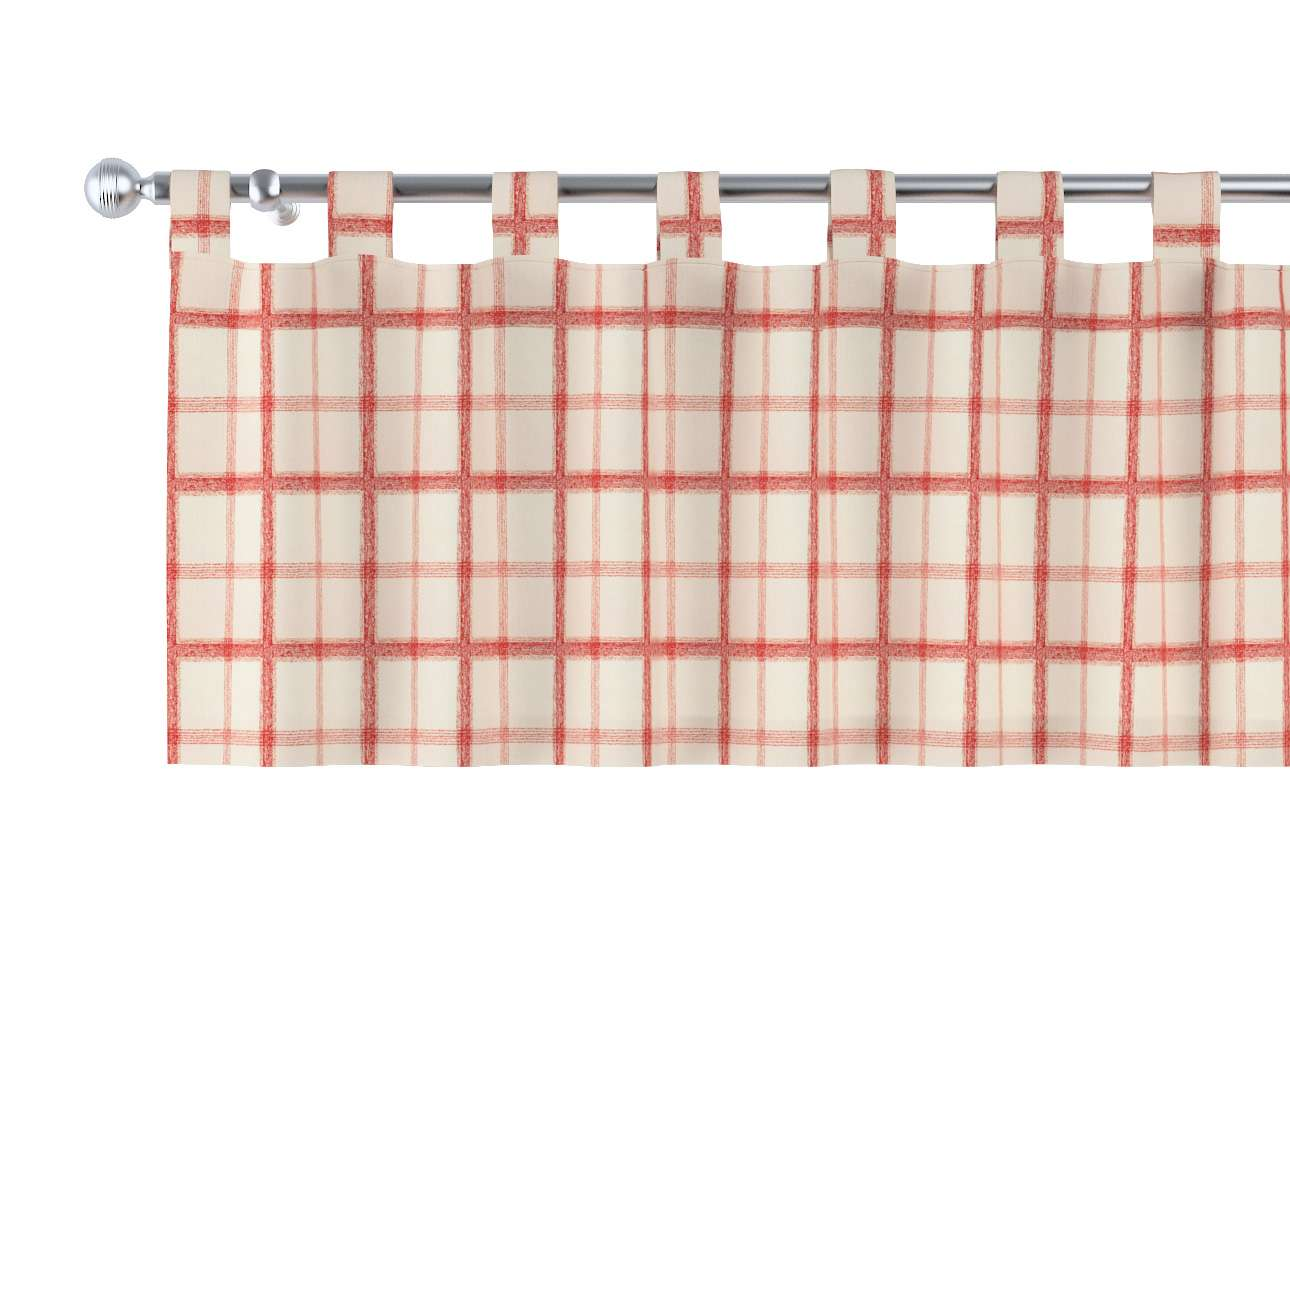 Kurzgardine mit Schlaufen 130x40cm von der Kollektion Avinon, Stoff: 131-15